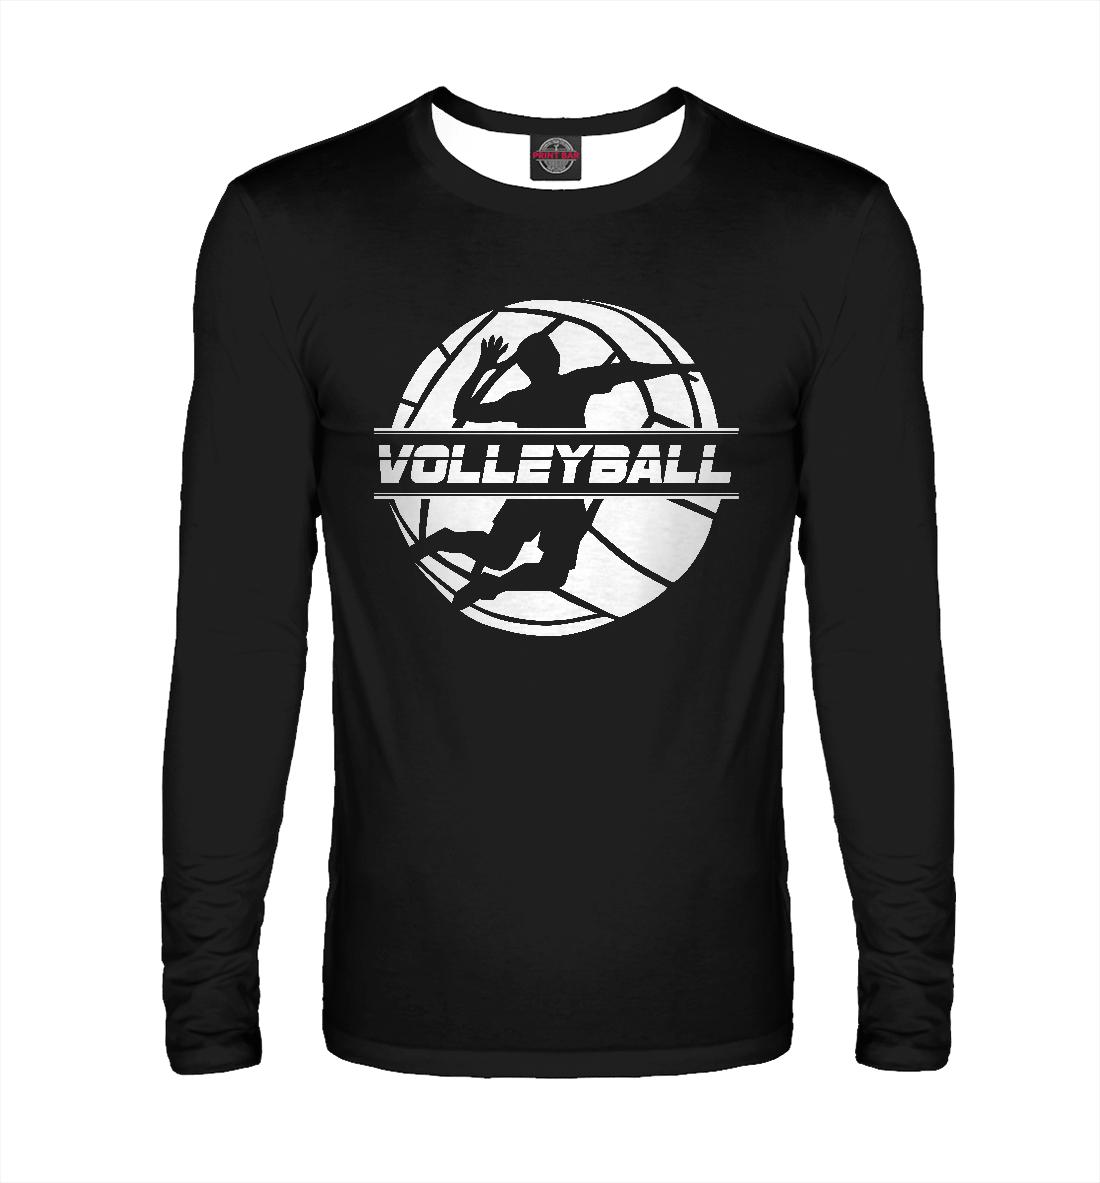 Лонгслив Volleyball (166204)